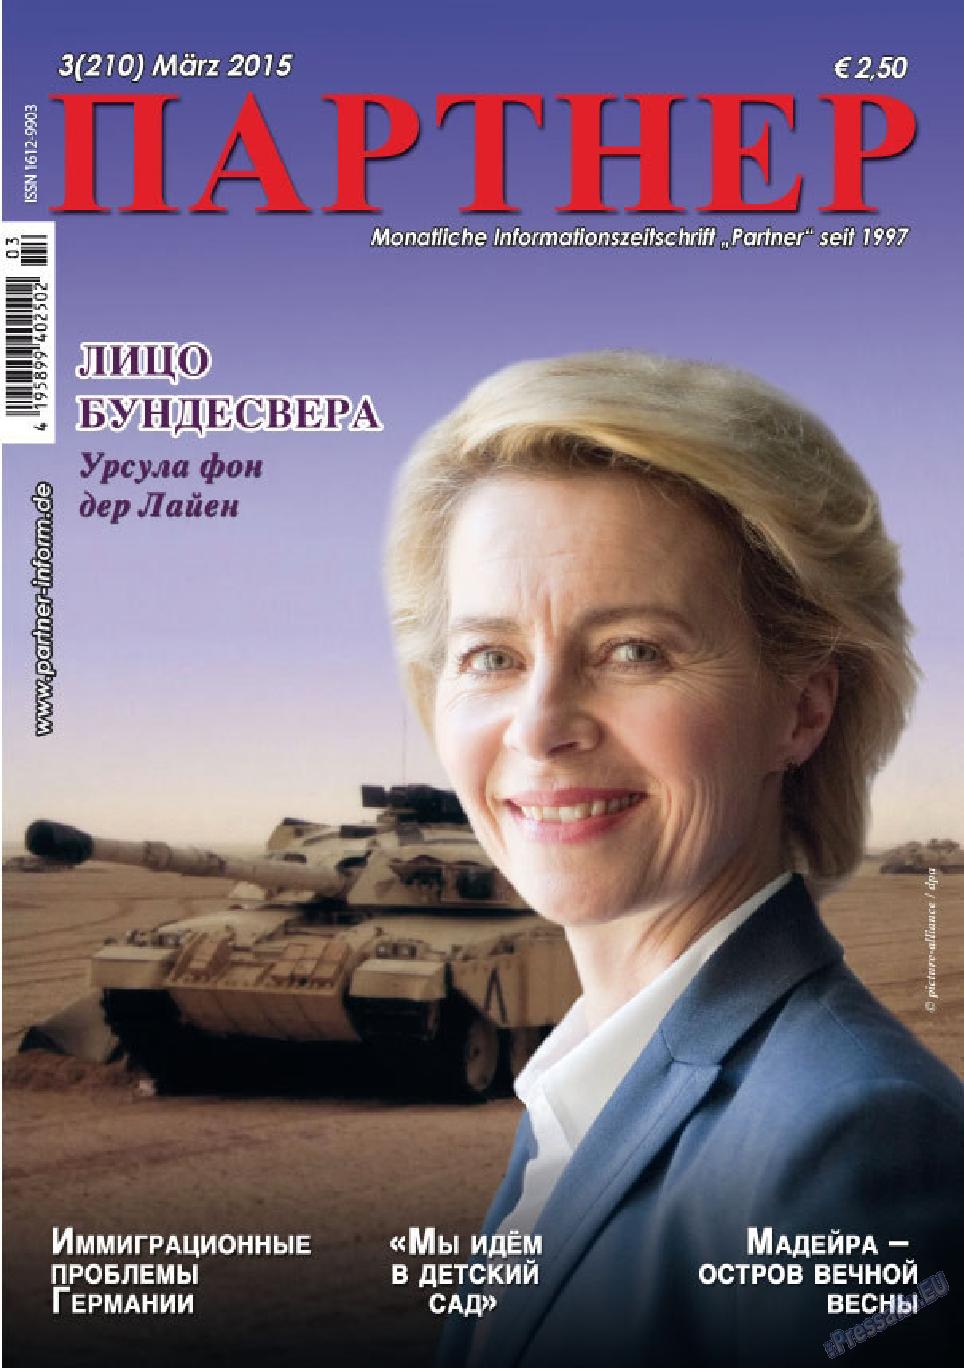 Партнер (журнал). 2015 год, номер 3, стр. 1